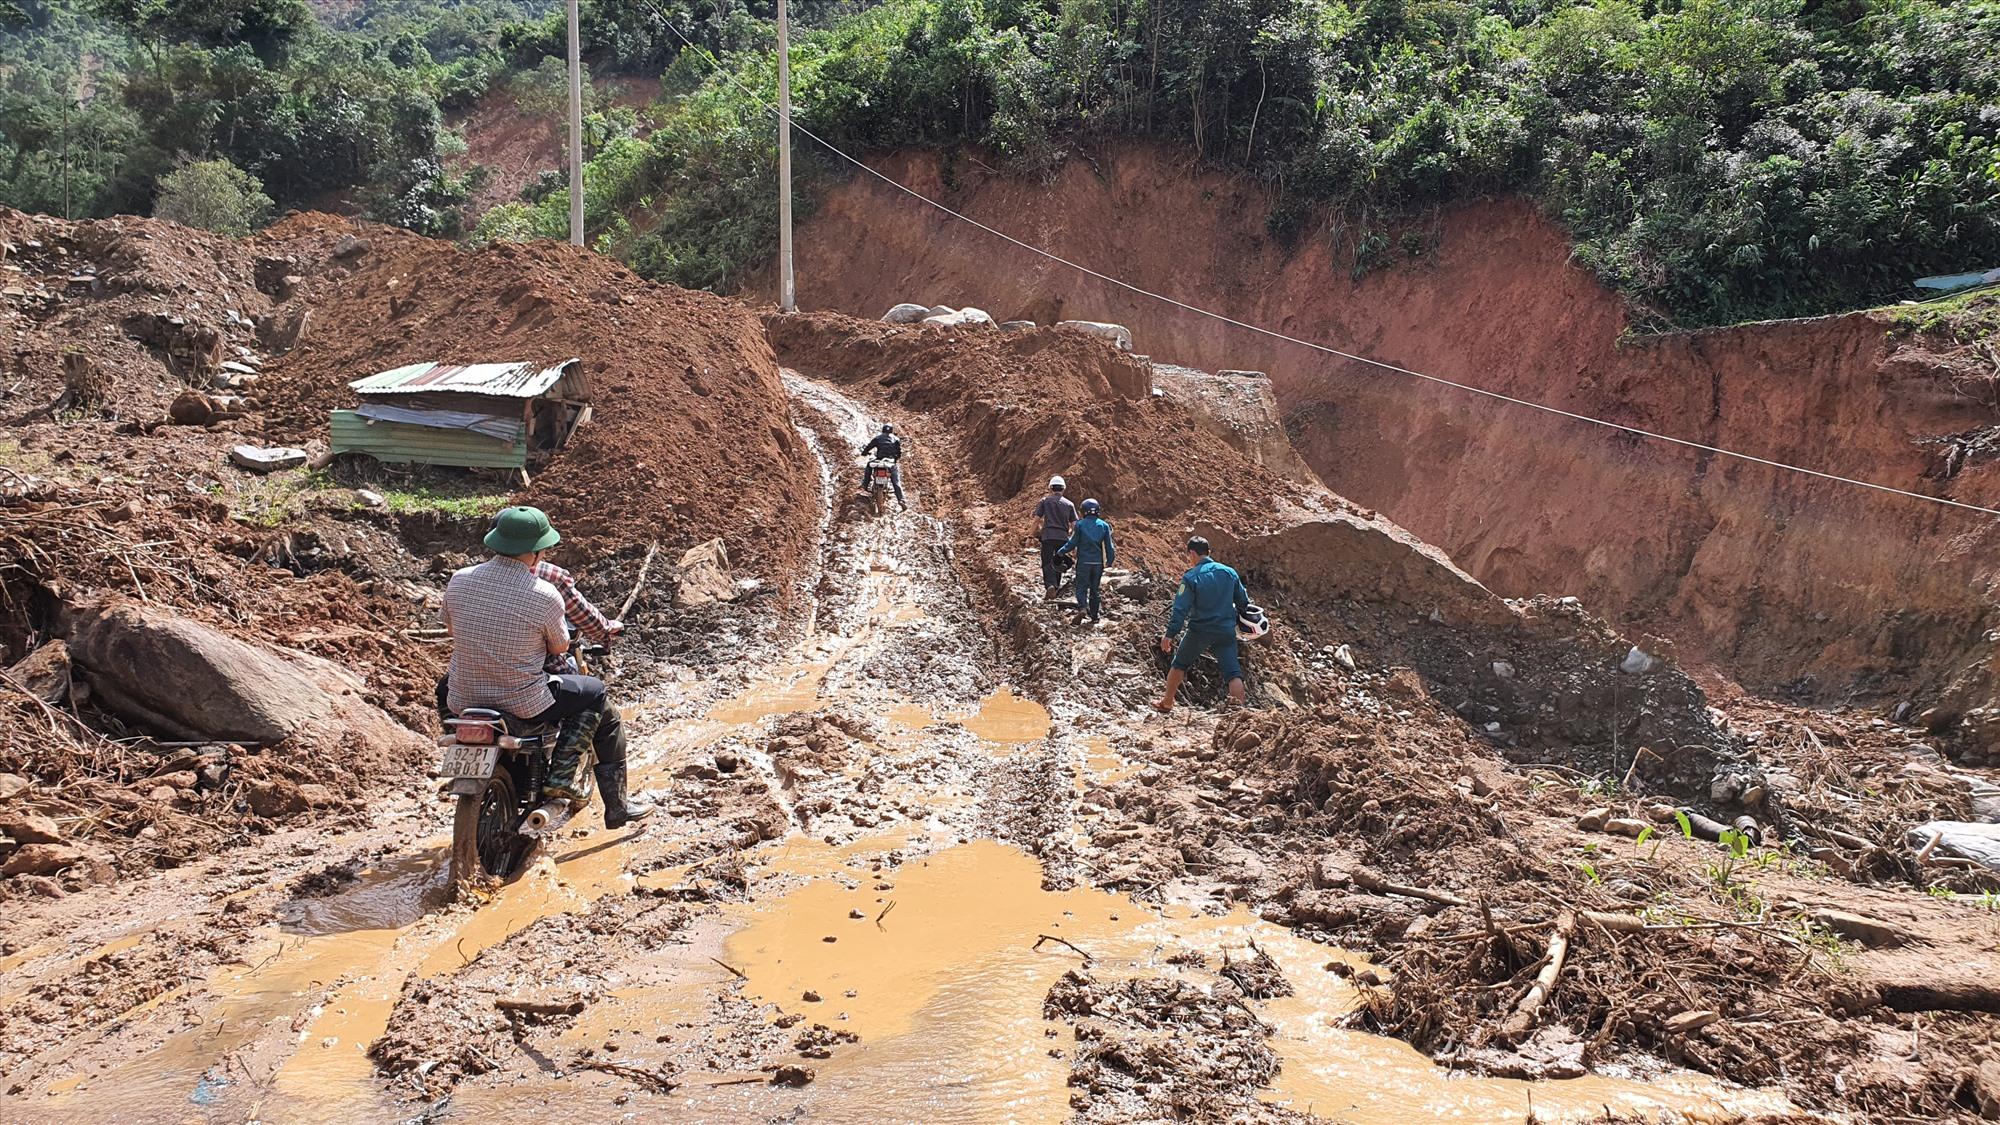 Hiện tuyến đường từ Phước Thành vào Phước Lộc vẫn mới chỉ thông tạm thời cho xe máy, các phương tiện khác vẫn chưa thể vào địa bàn xã này. Ảnh: T.C